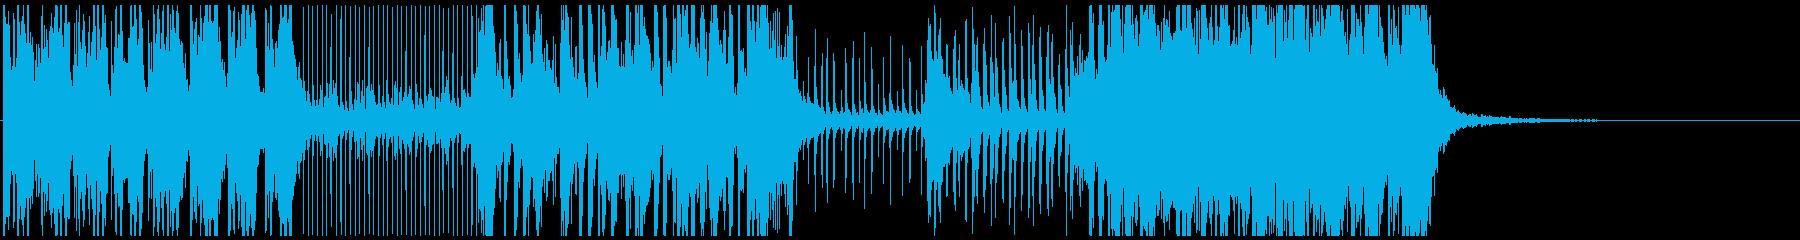 音、リズムが心地良い本格派「和太鼓」曲の再生済みの波形